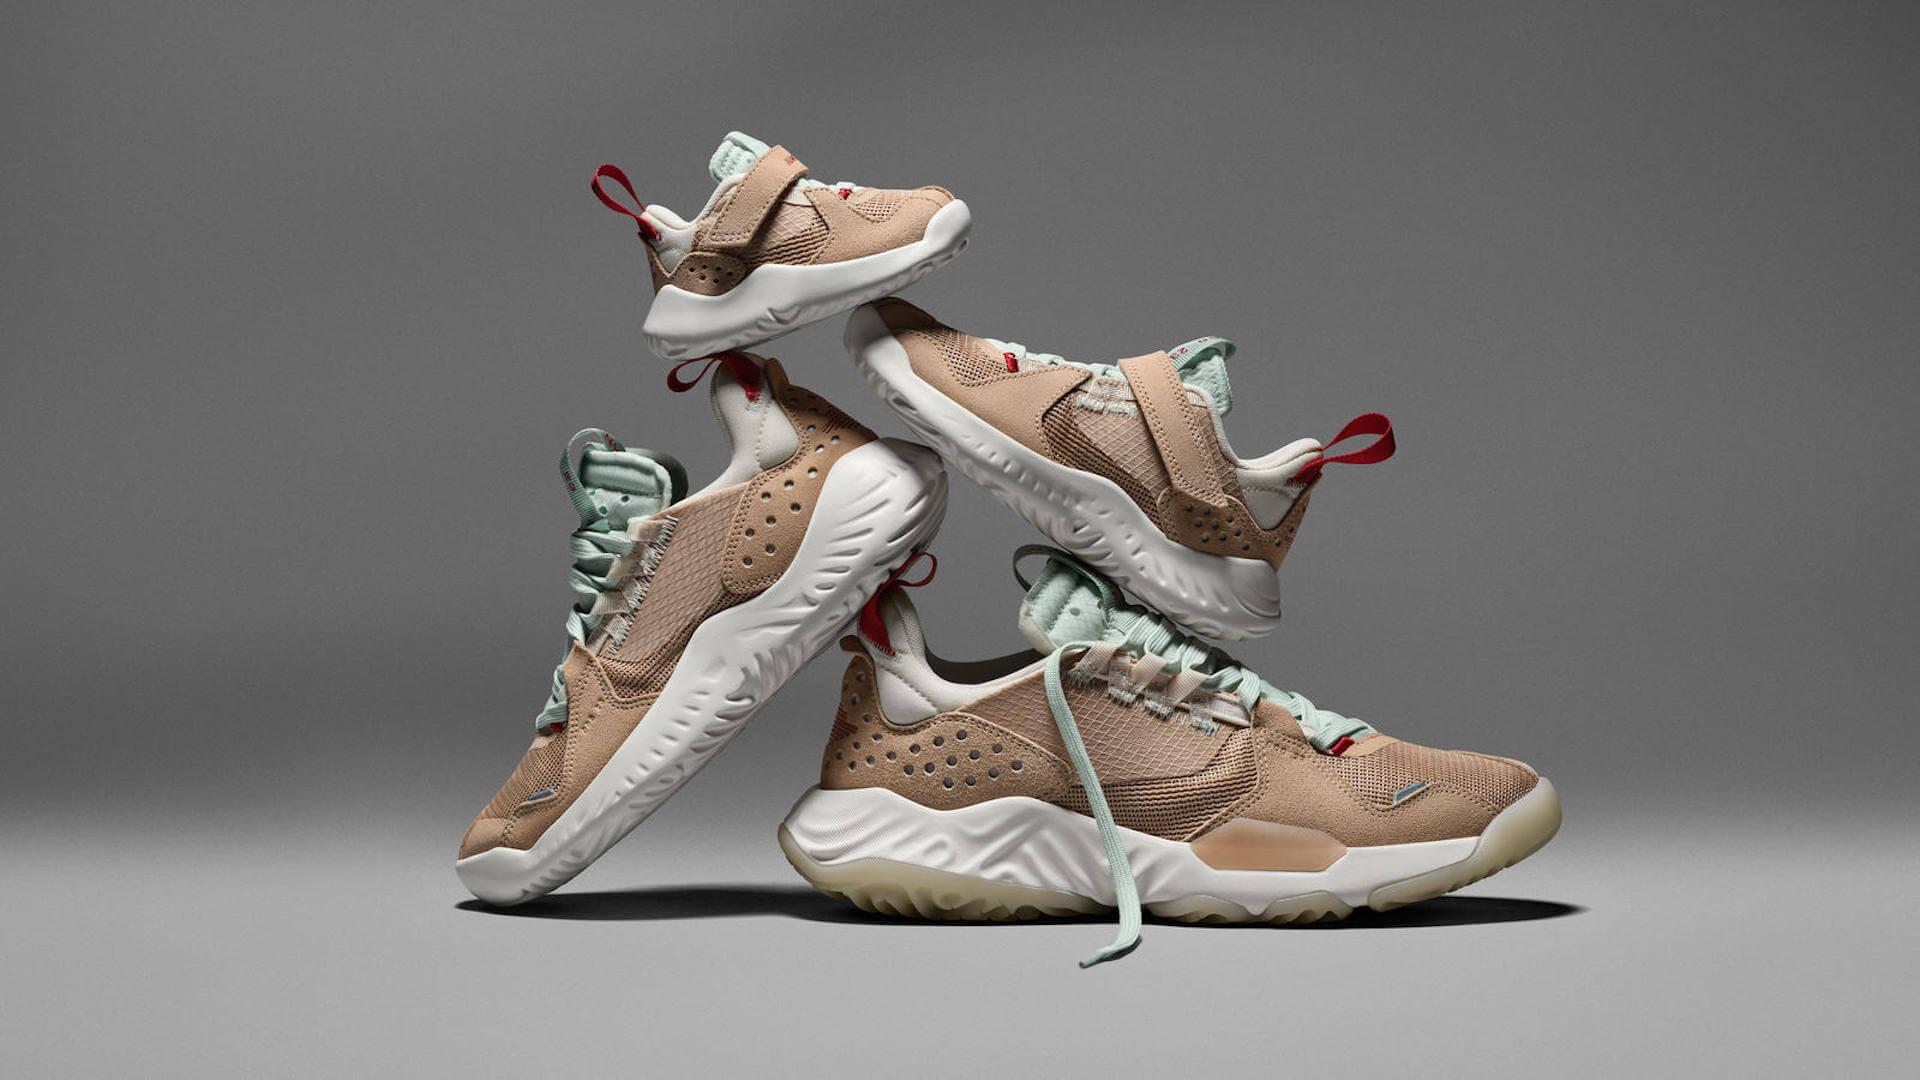 Jordan brandから、シューズソールにNIKE リアクト フォームを用いた「ジョーダン デルタ」が発売決定 lf200401_jordandelta_02